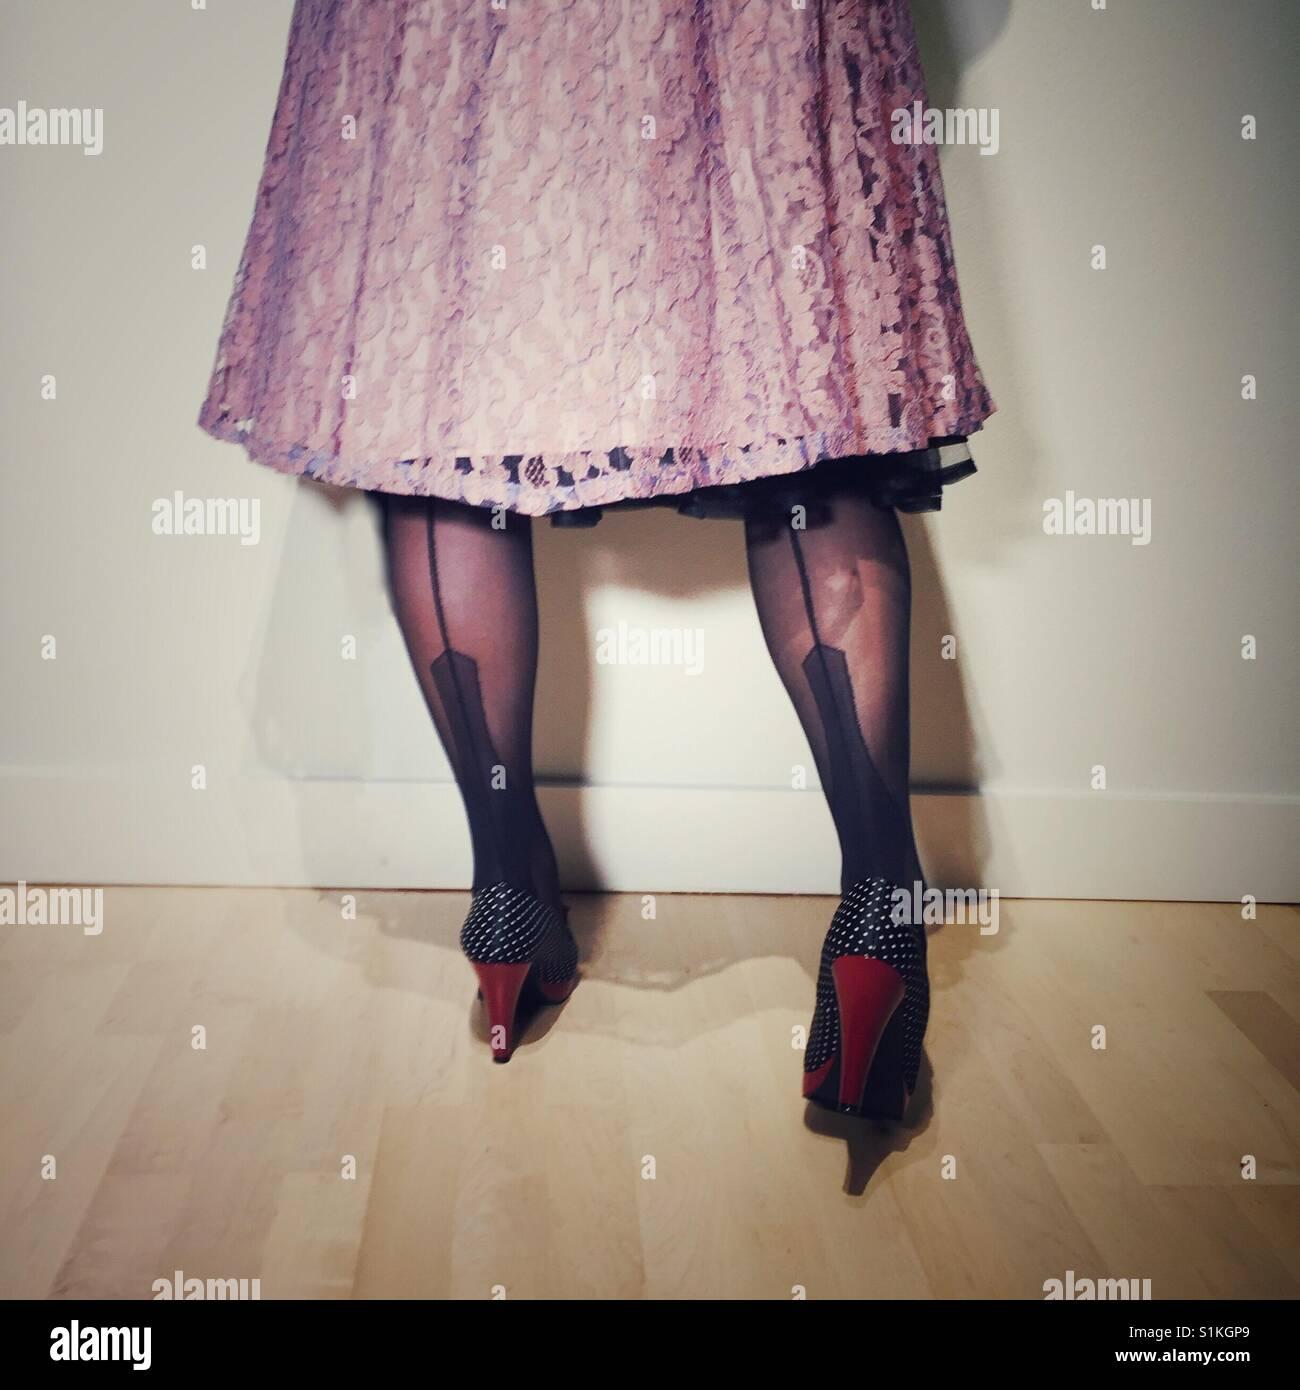 Vintage Strümpfe und Spitzenkleid Stockbild